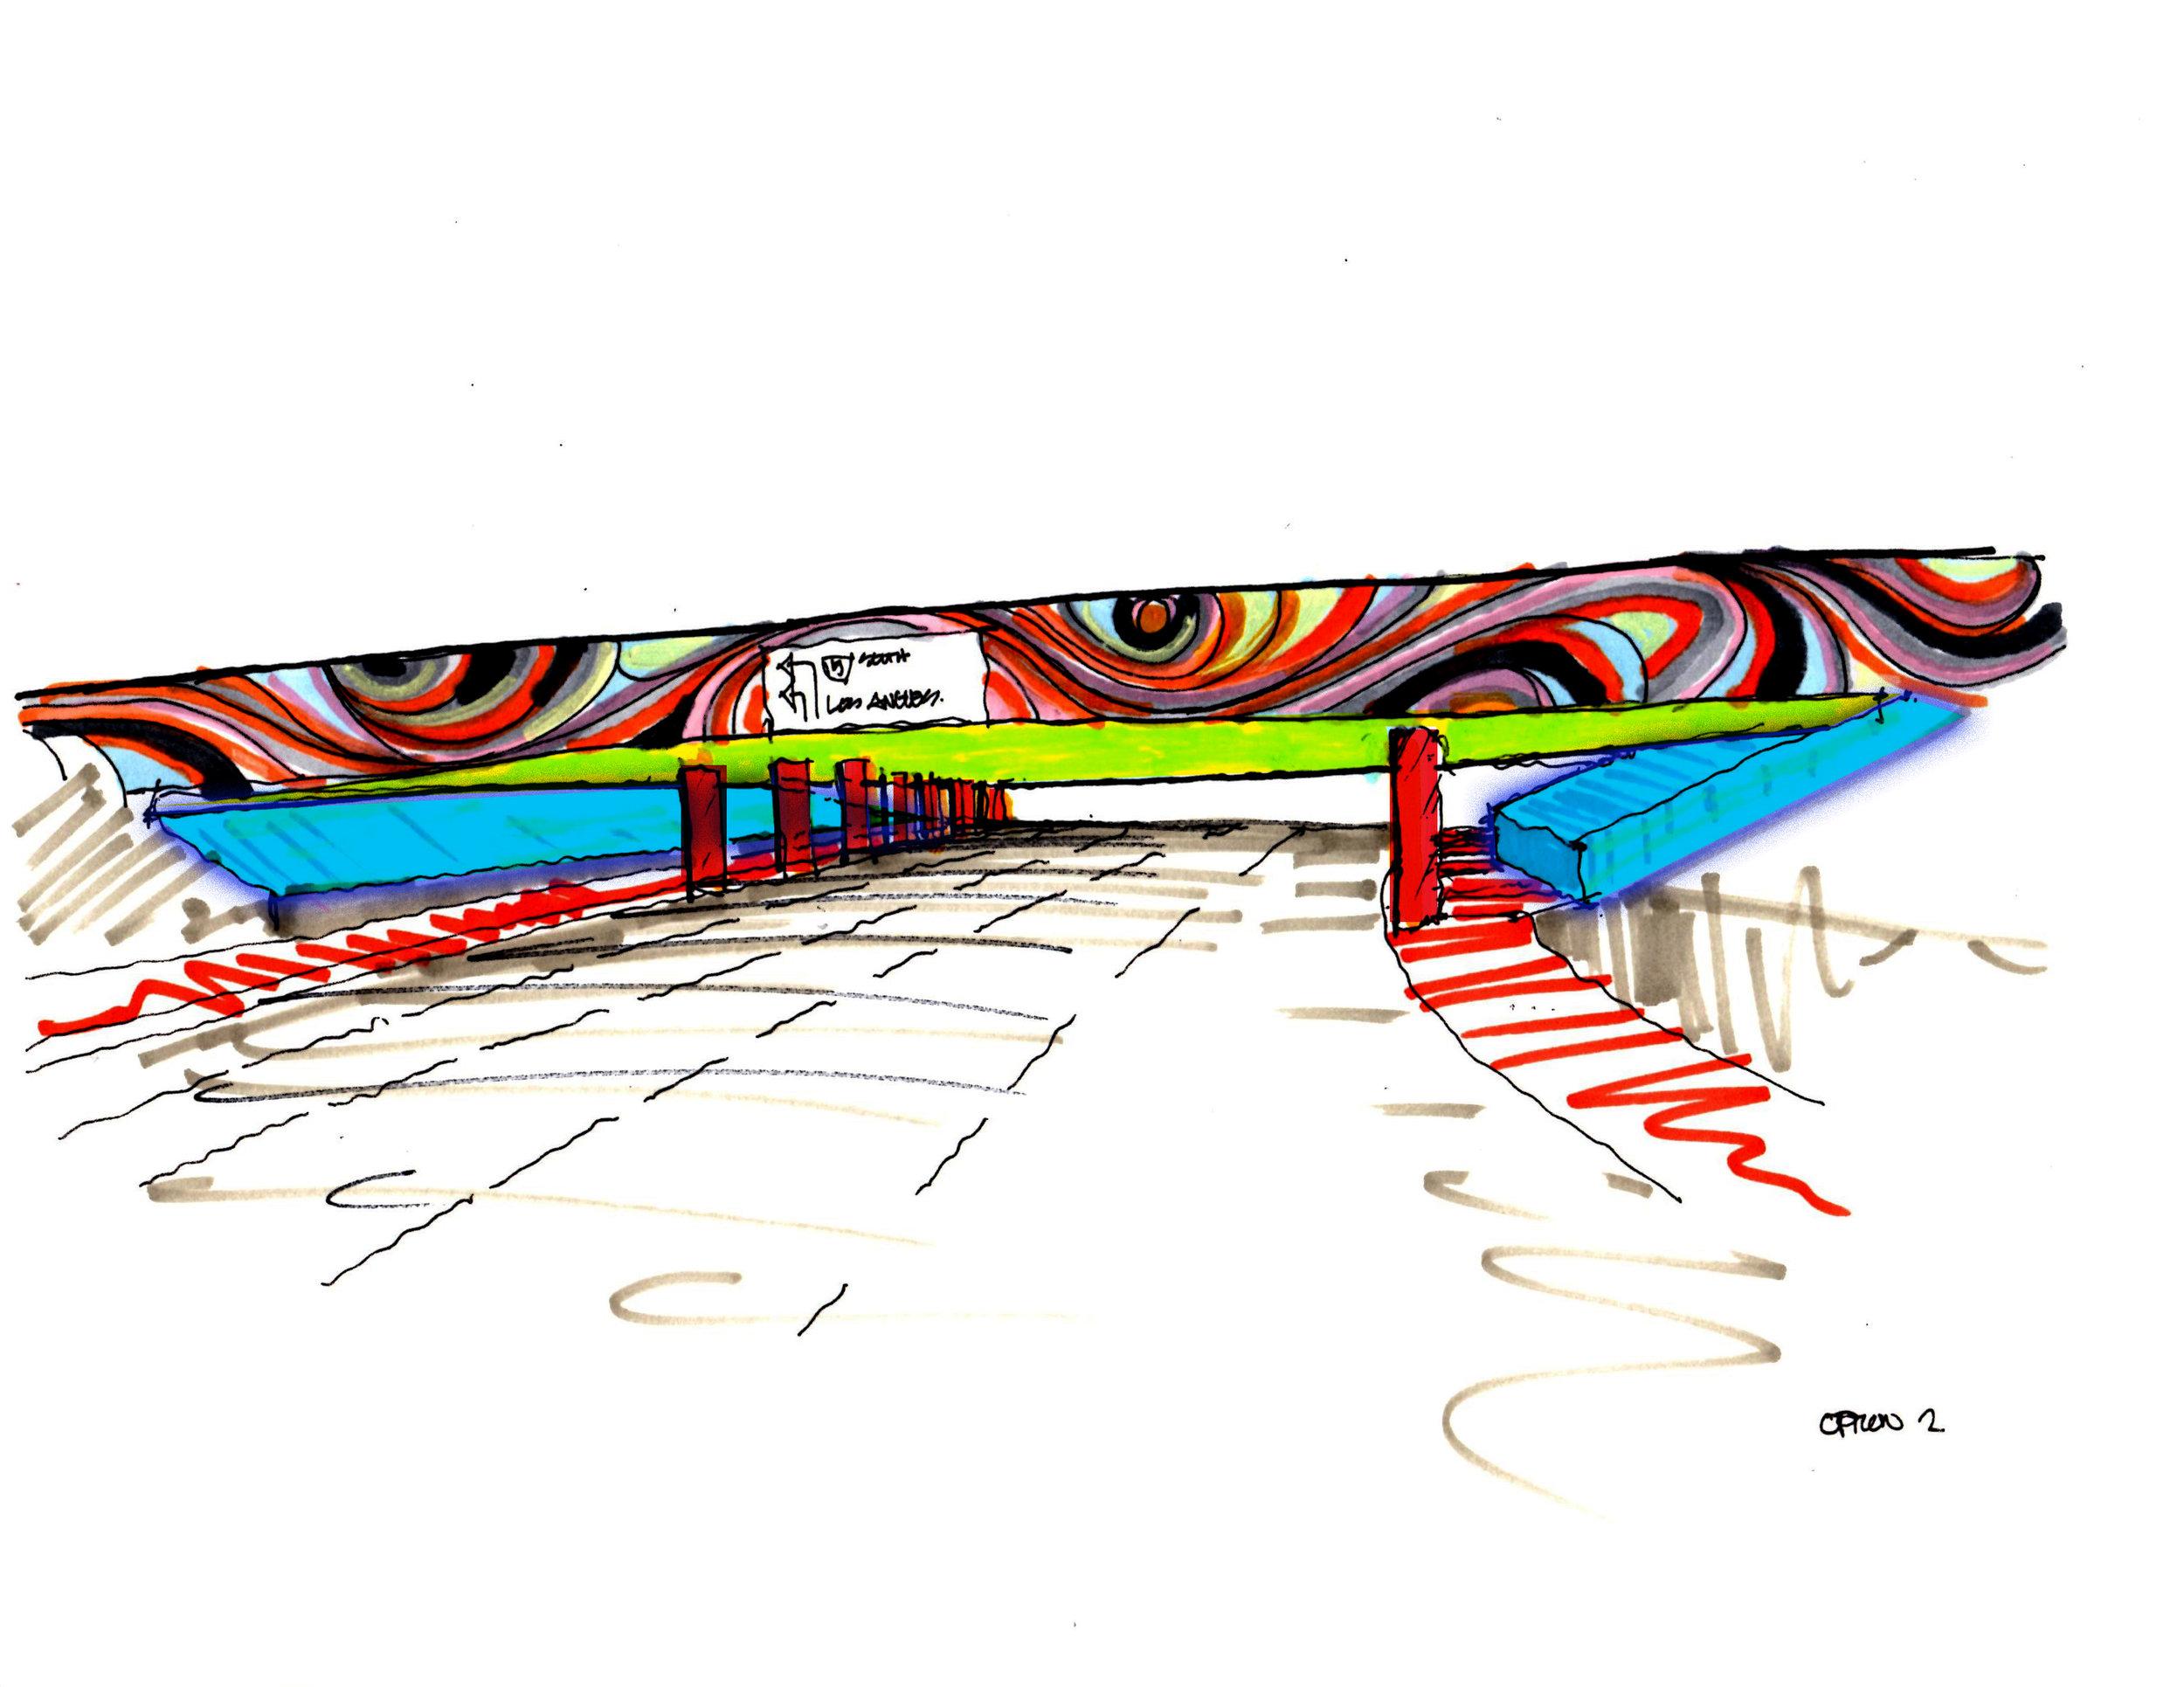 bridge scan_003a2.jpg